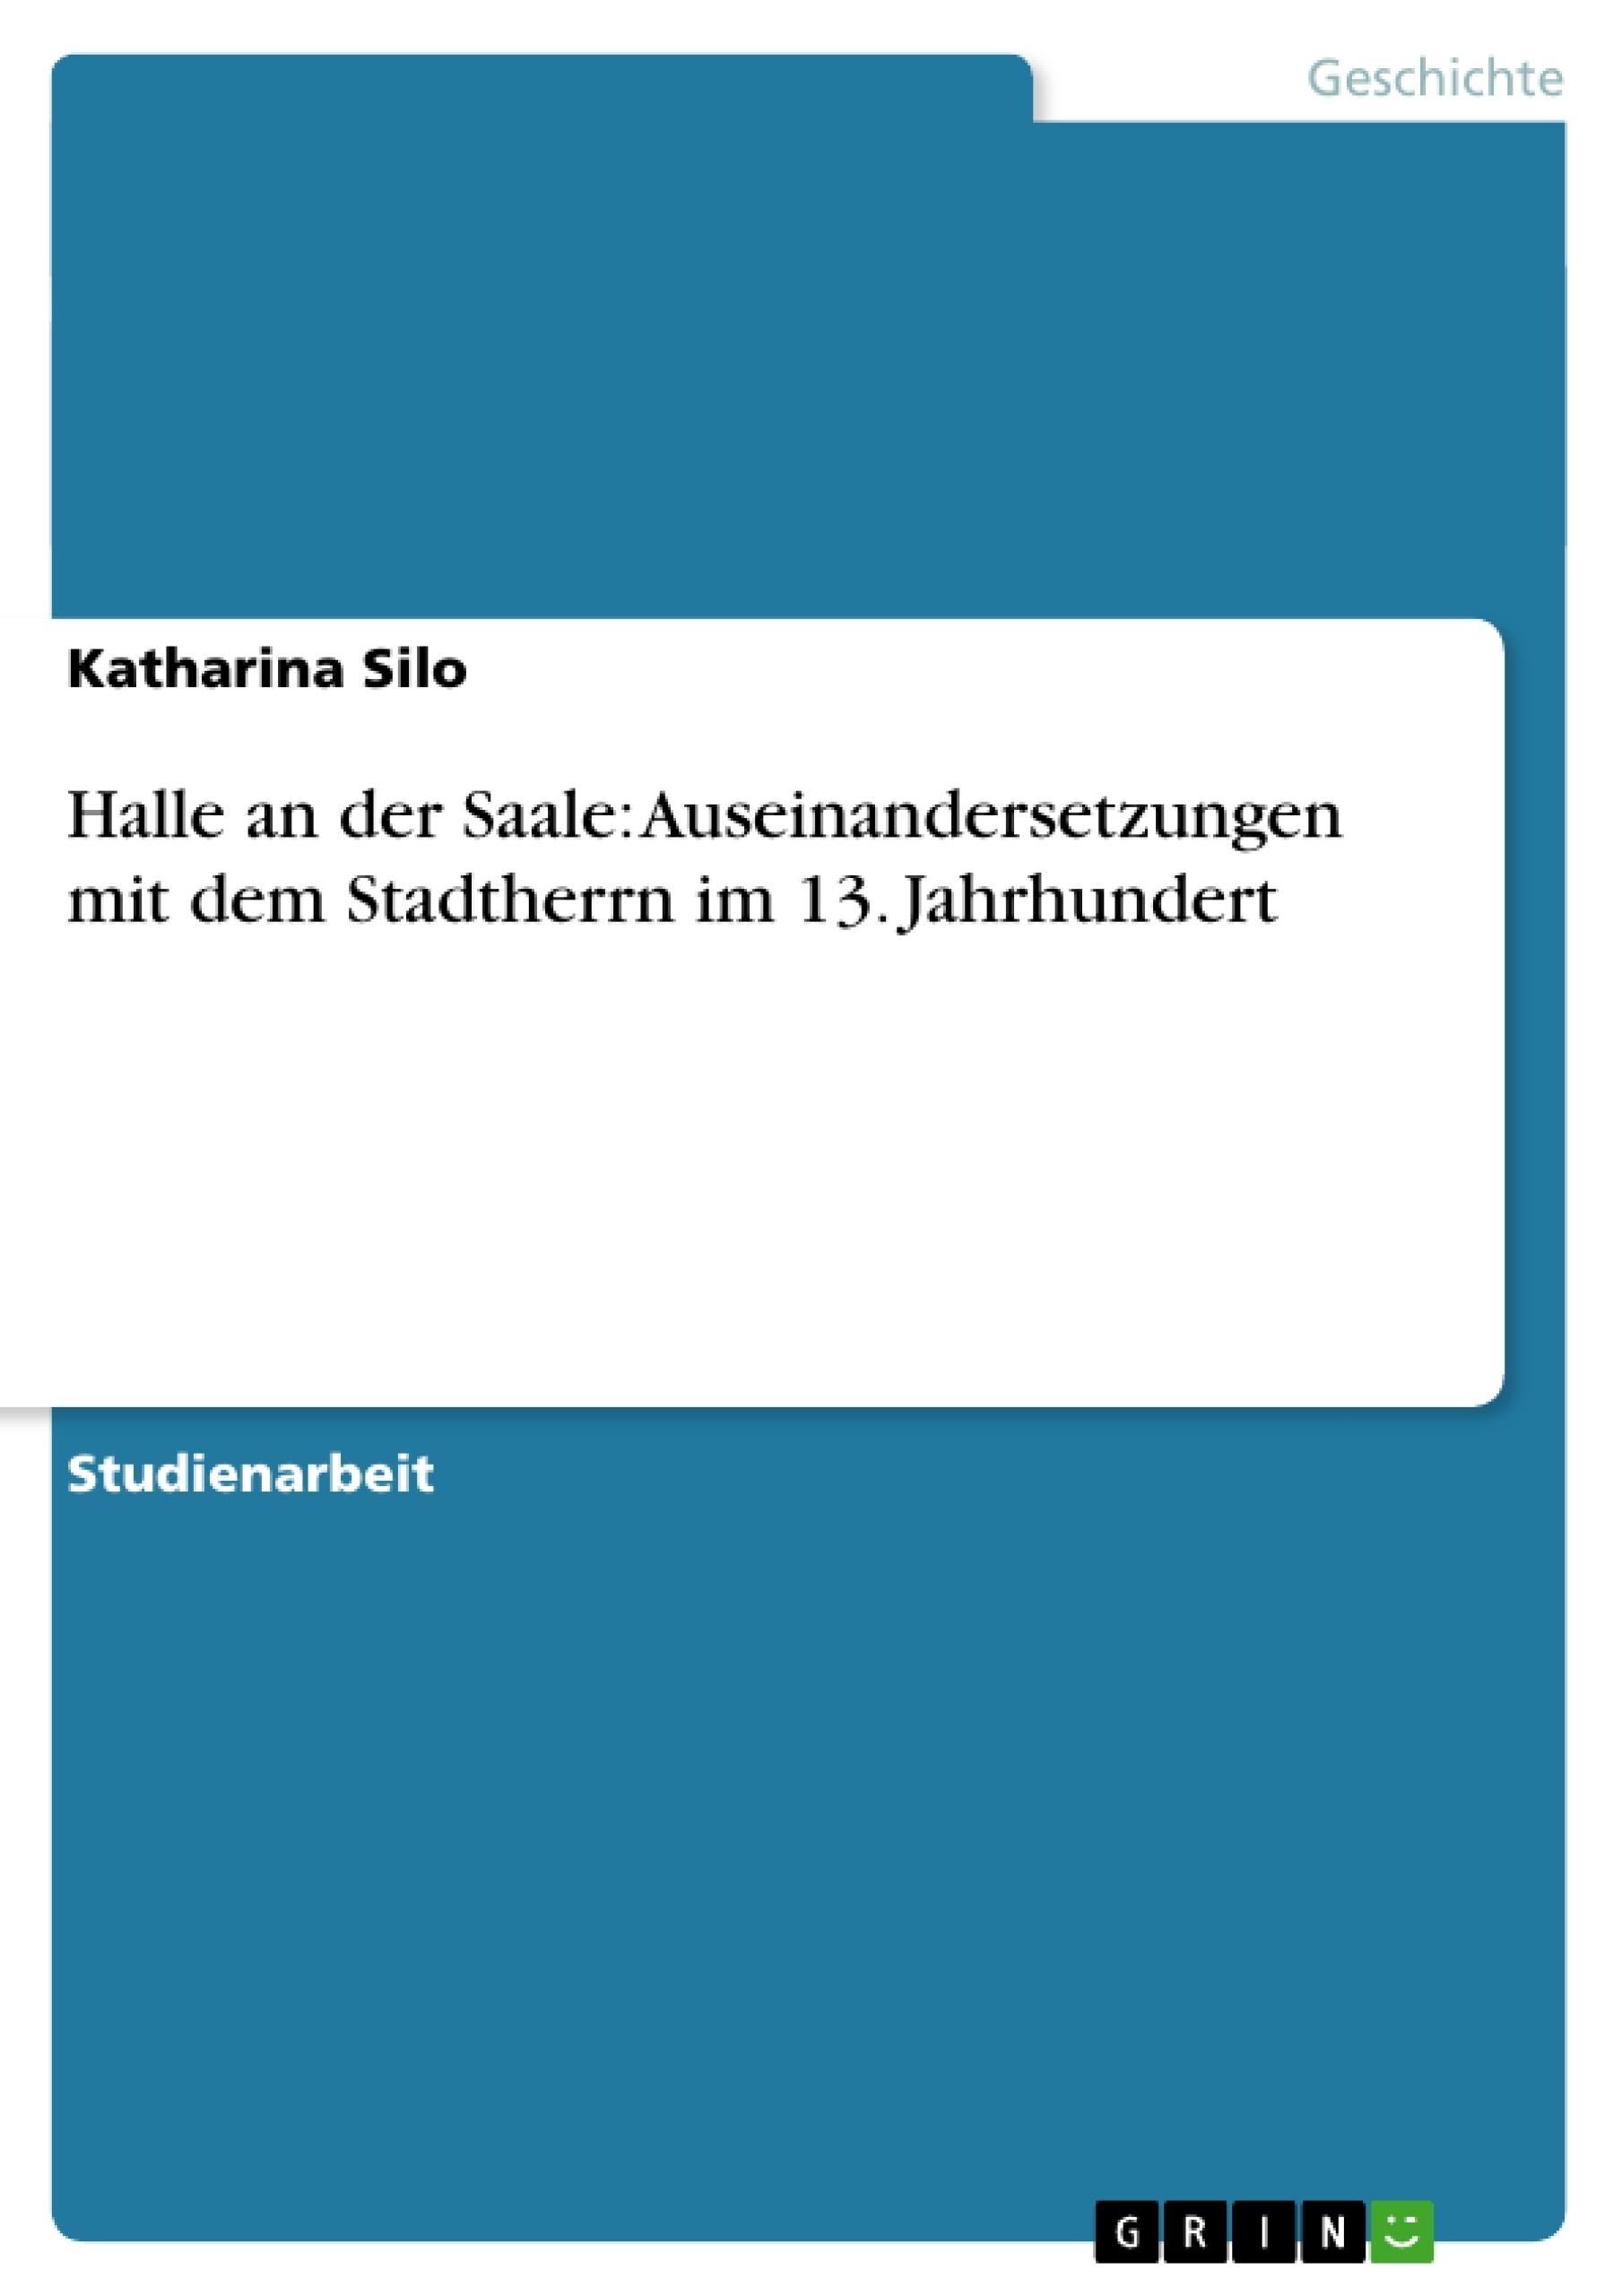 Titel: Halle an der Saale: Auseinandersetzungen mit dem Stadtherrn im 13. Jahrhundert